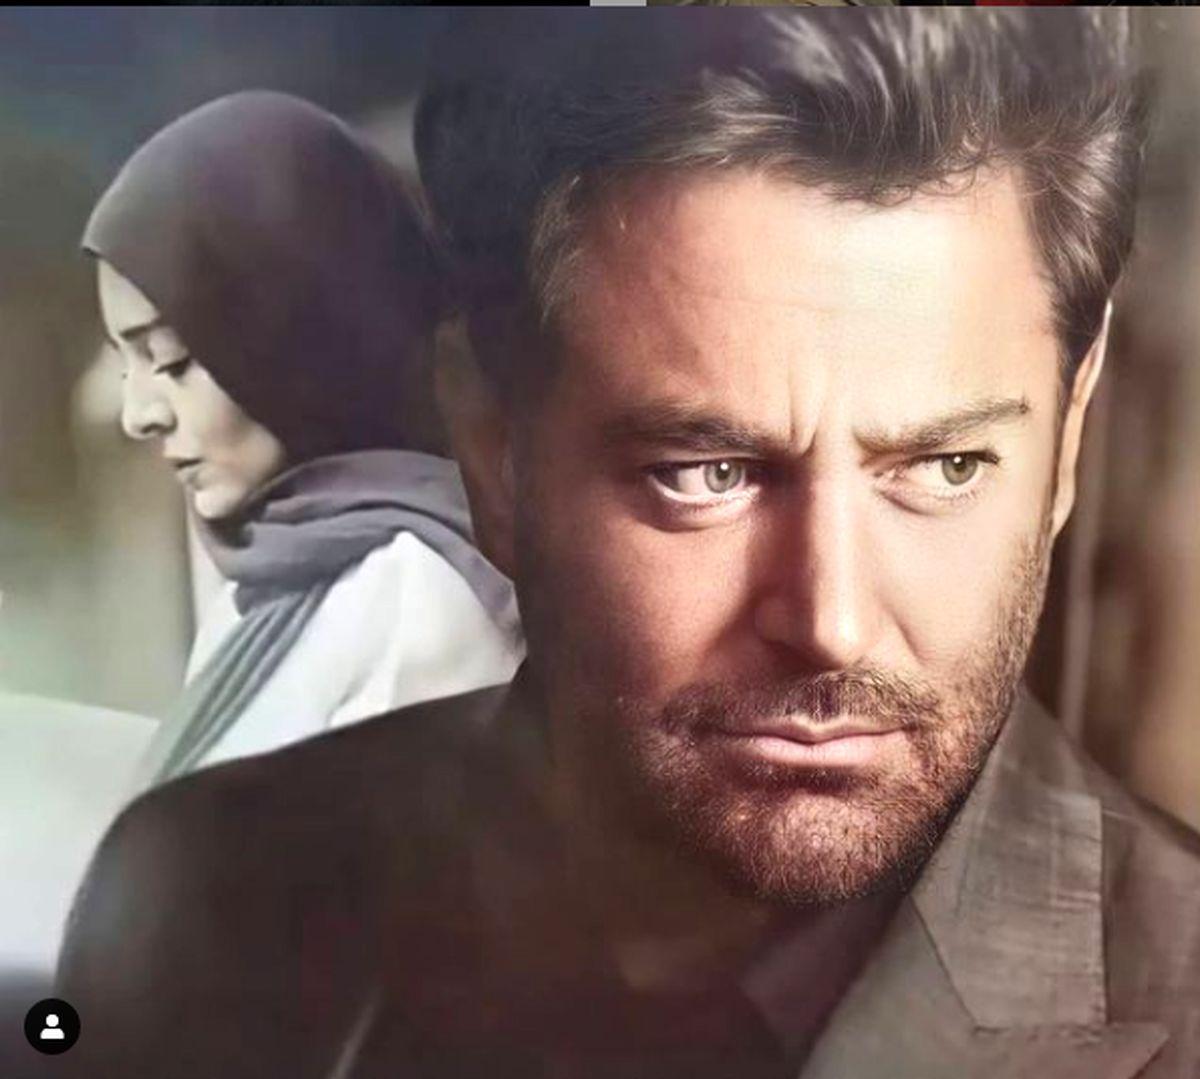 محمدرضا گلزار ساره بیات را تحقیر کرد/ سکانس جنجالی سریال گیسو + دانلود